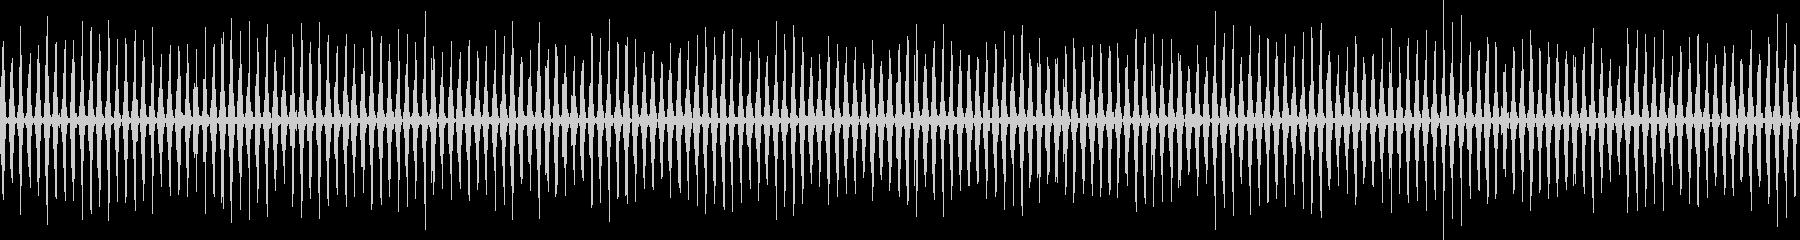 ループ再生可!映画風のヘリコプター効果音の未再生の波形